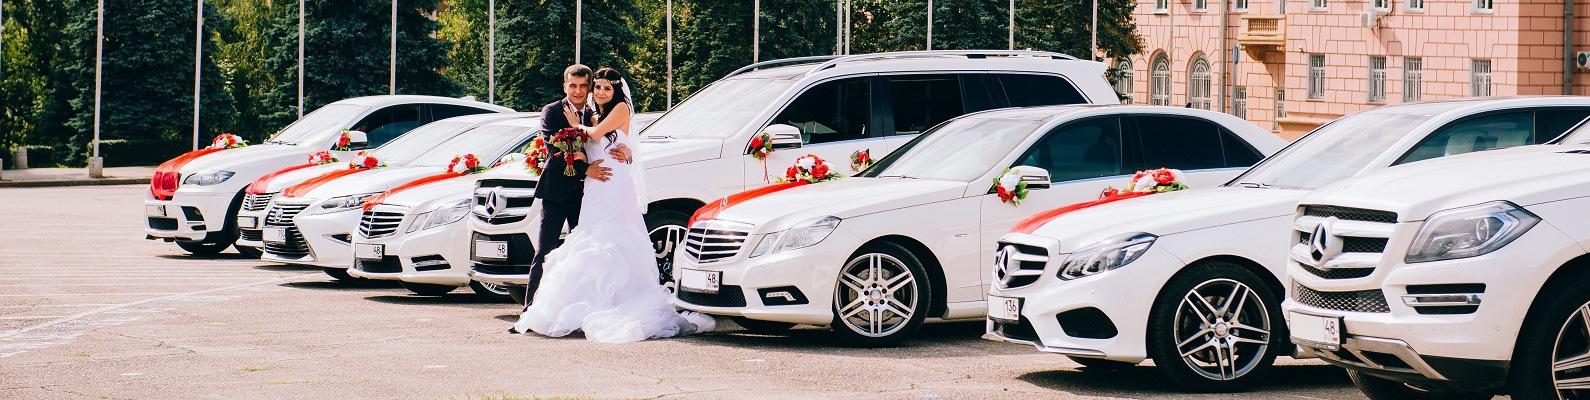 аренда авто в таганроге на свадьбу